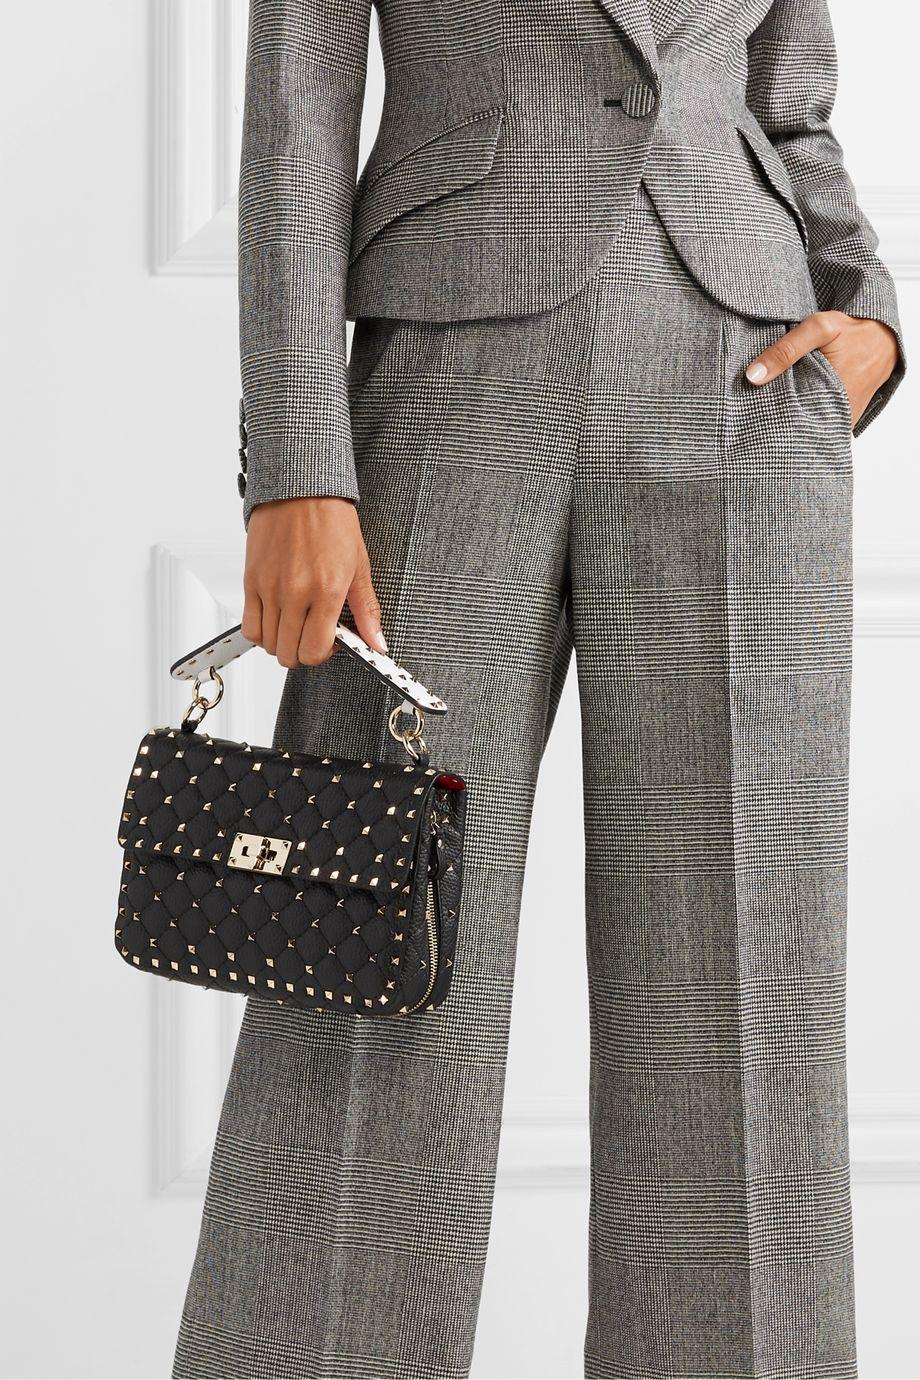 Valentino Valentino Garavani Rockstud Spike medium quilted textured-leather shoulder bag